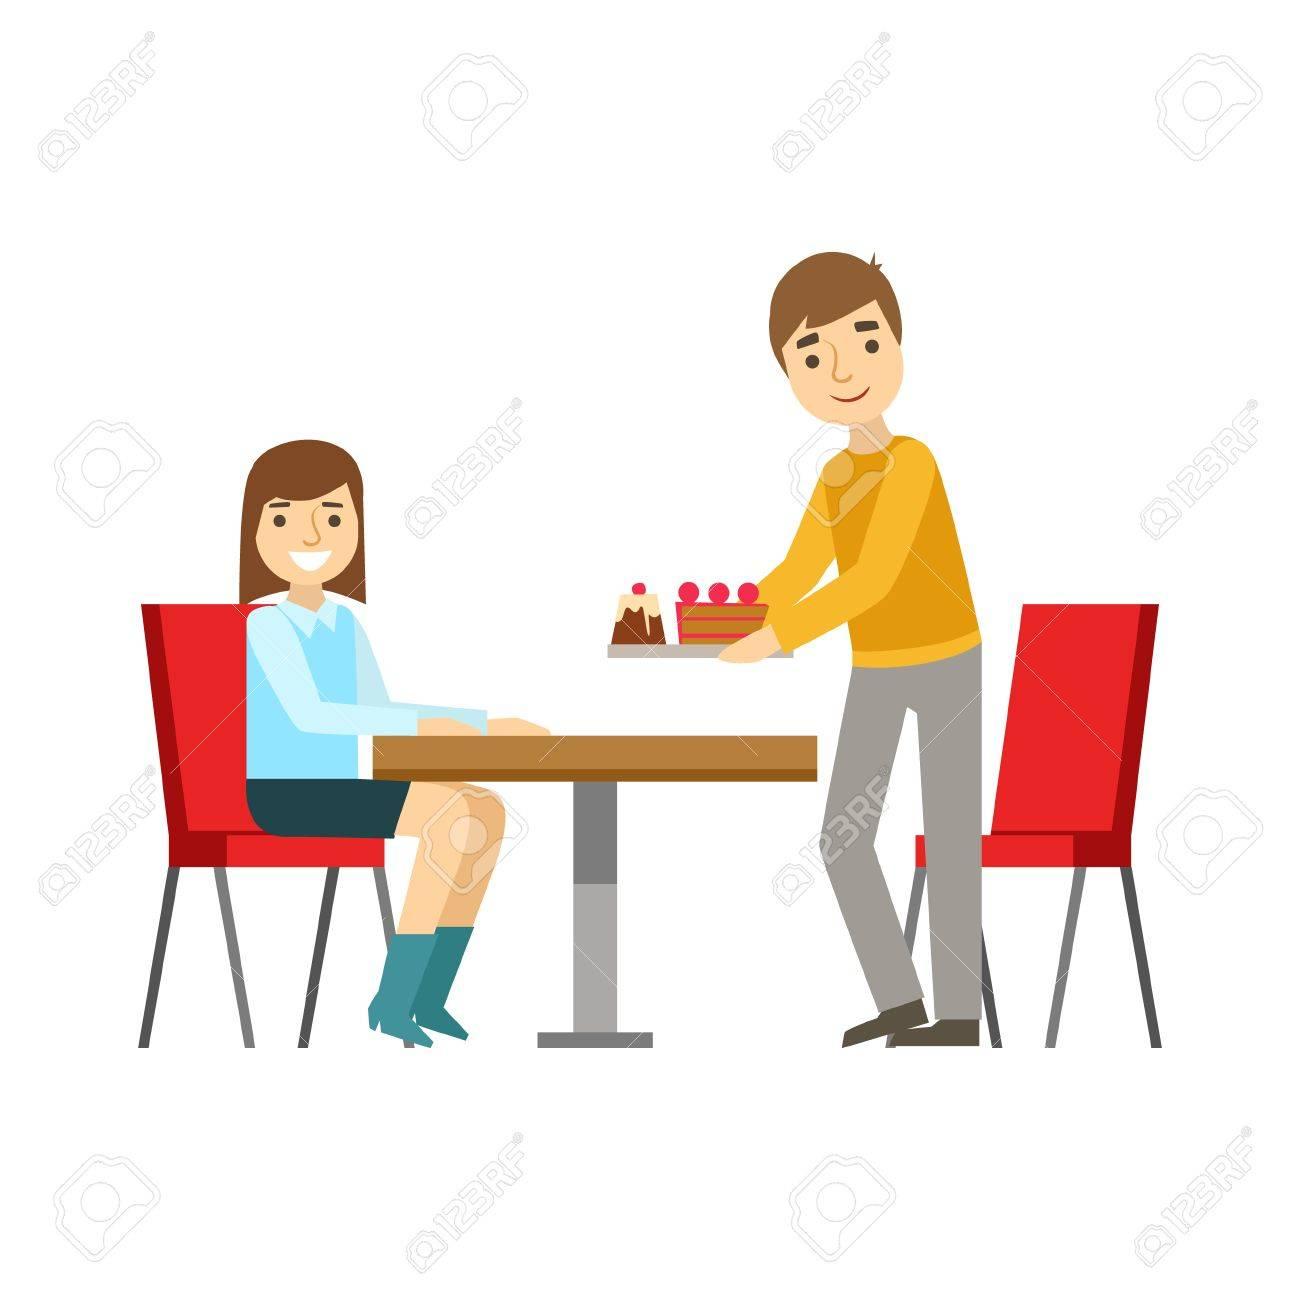 Guy Briniging Kuchen Zum Mädchen Am Tisch, Lächeln Person Ein Dessert In  Süßen Gebäck Cafe